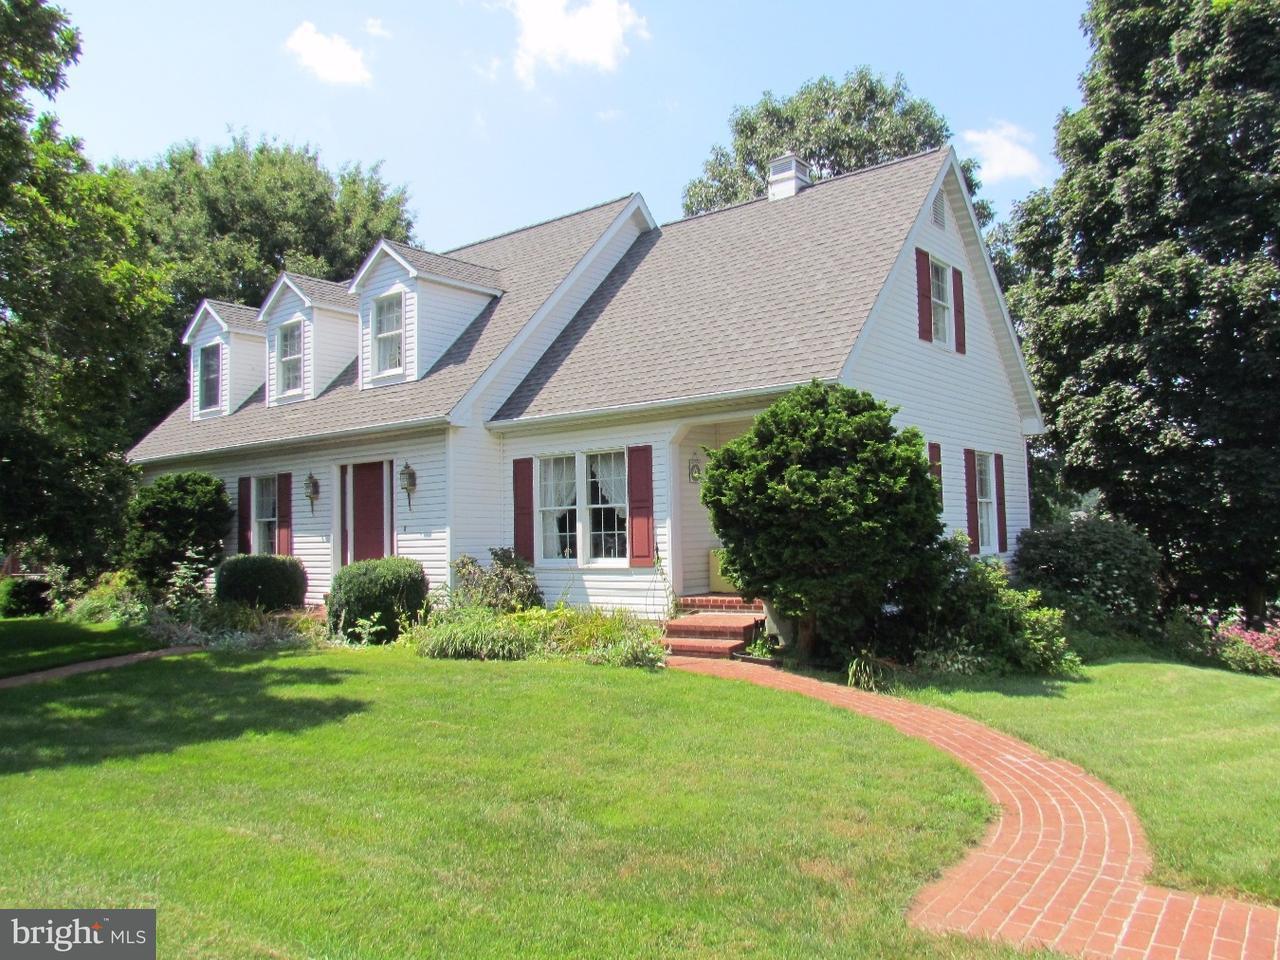 Maison unifamiliale pour l Vente à 52 HILL Road Denver, Pennsylvanie 17517 États-Unis